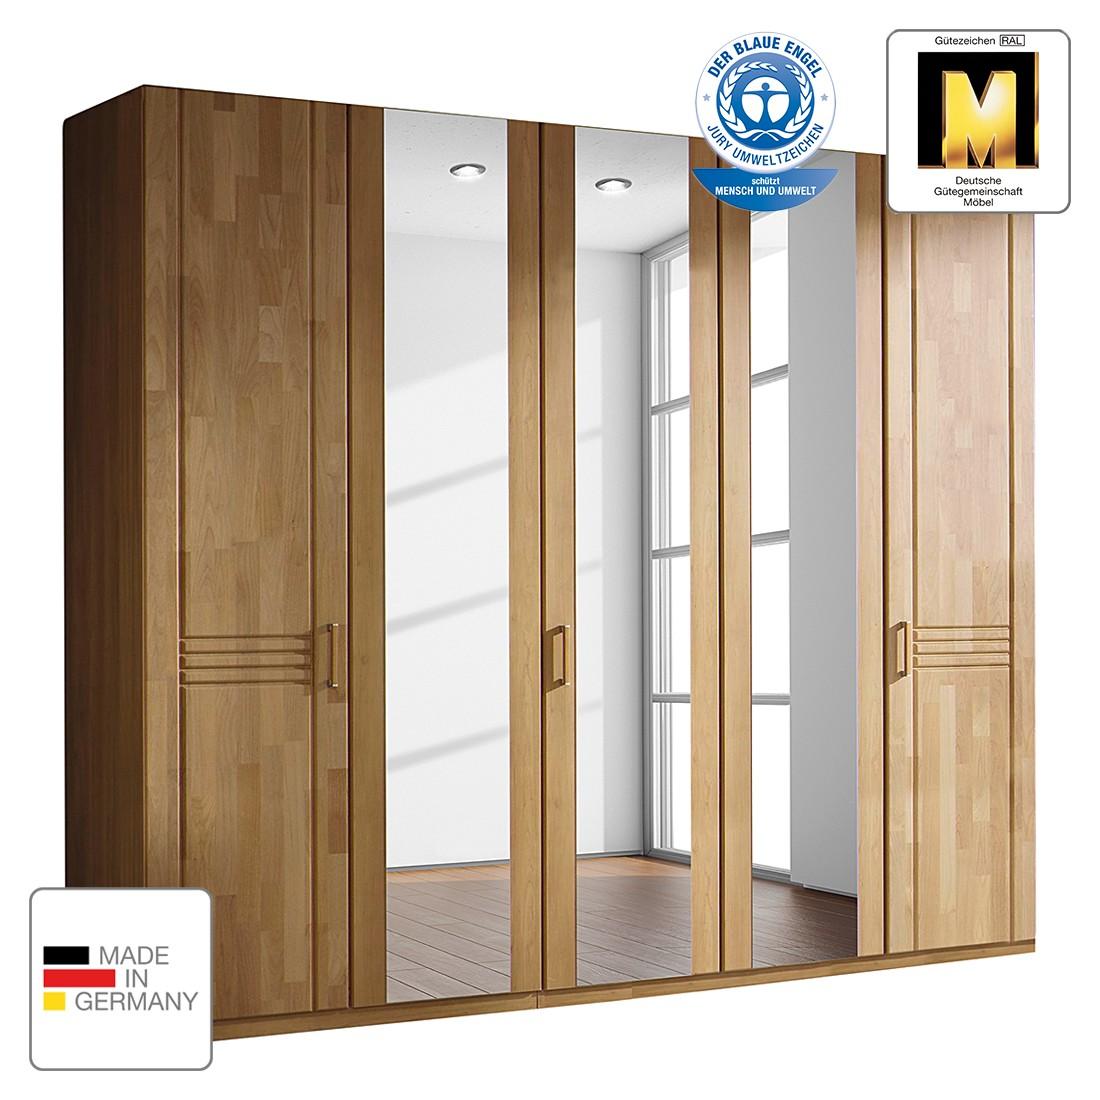 goedkoop Draaideurkast Savina Wild eikenhout 235cm 5 deurs 2 spiegeldeuren Zonder Passe partout lijst Rauch Steffen